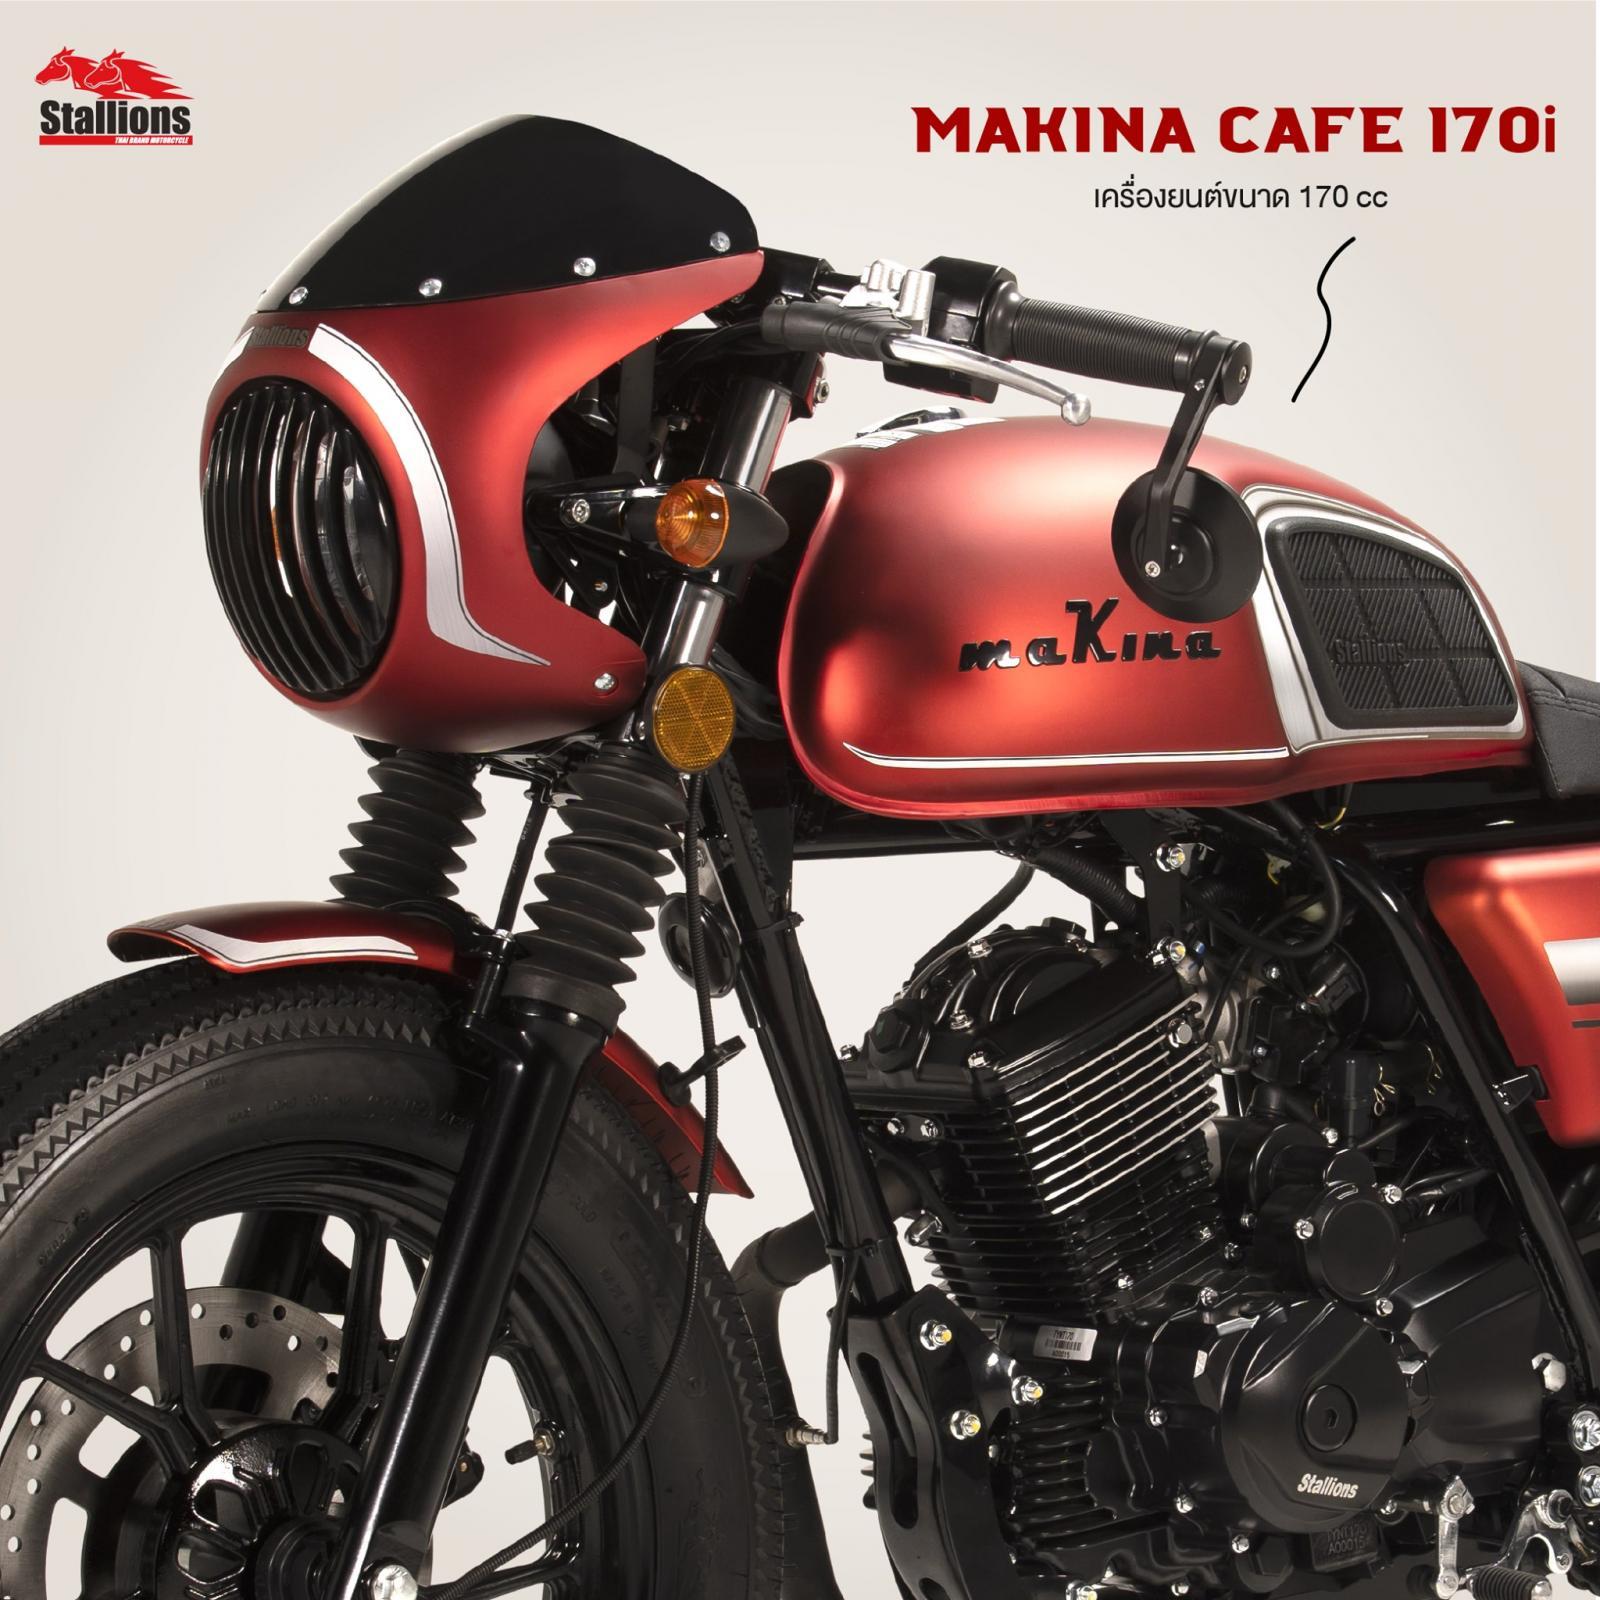 2021 Stallions Makina170i cafe